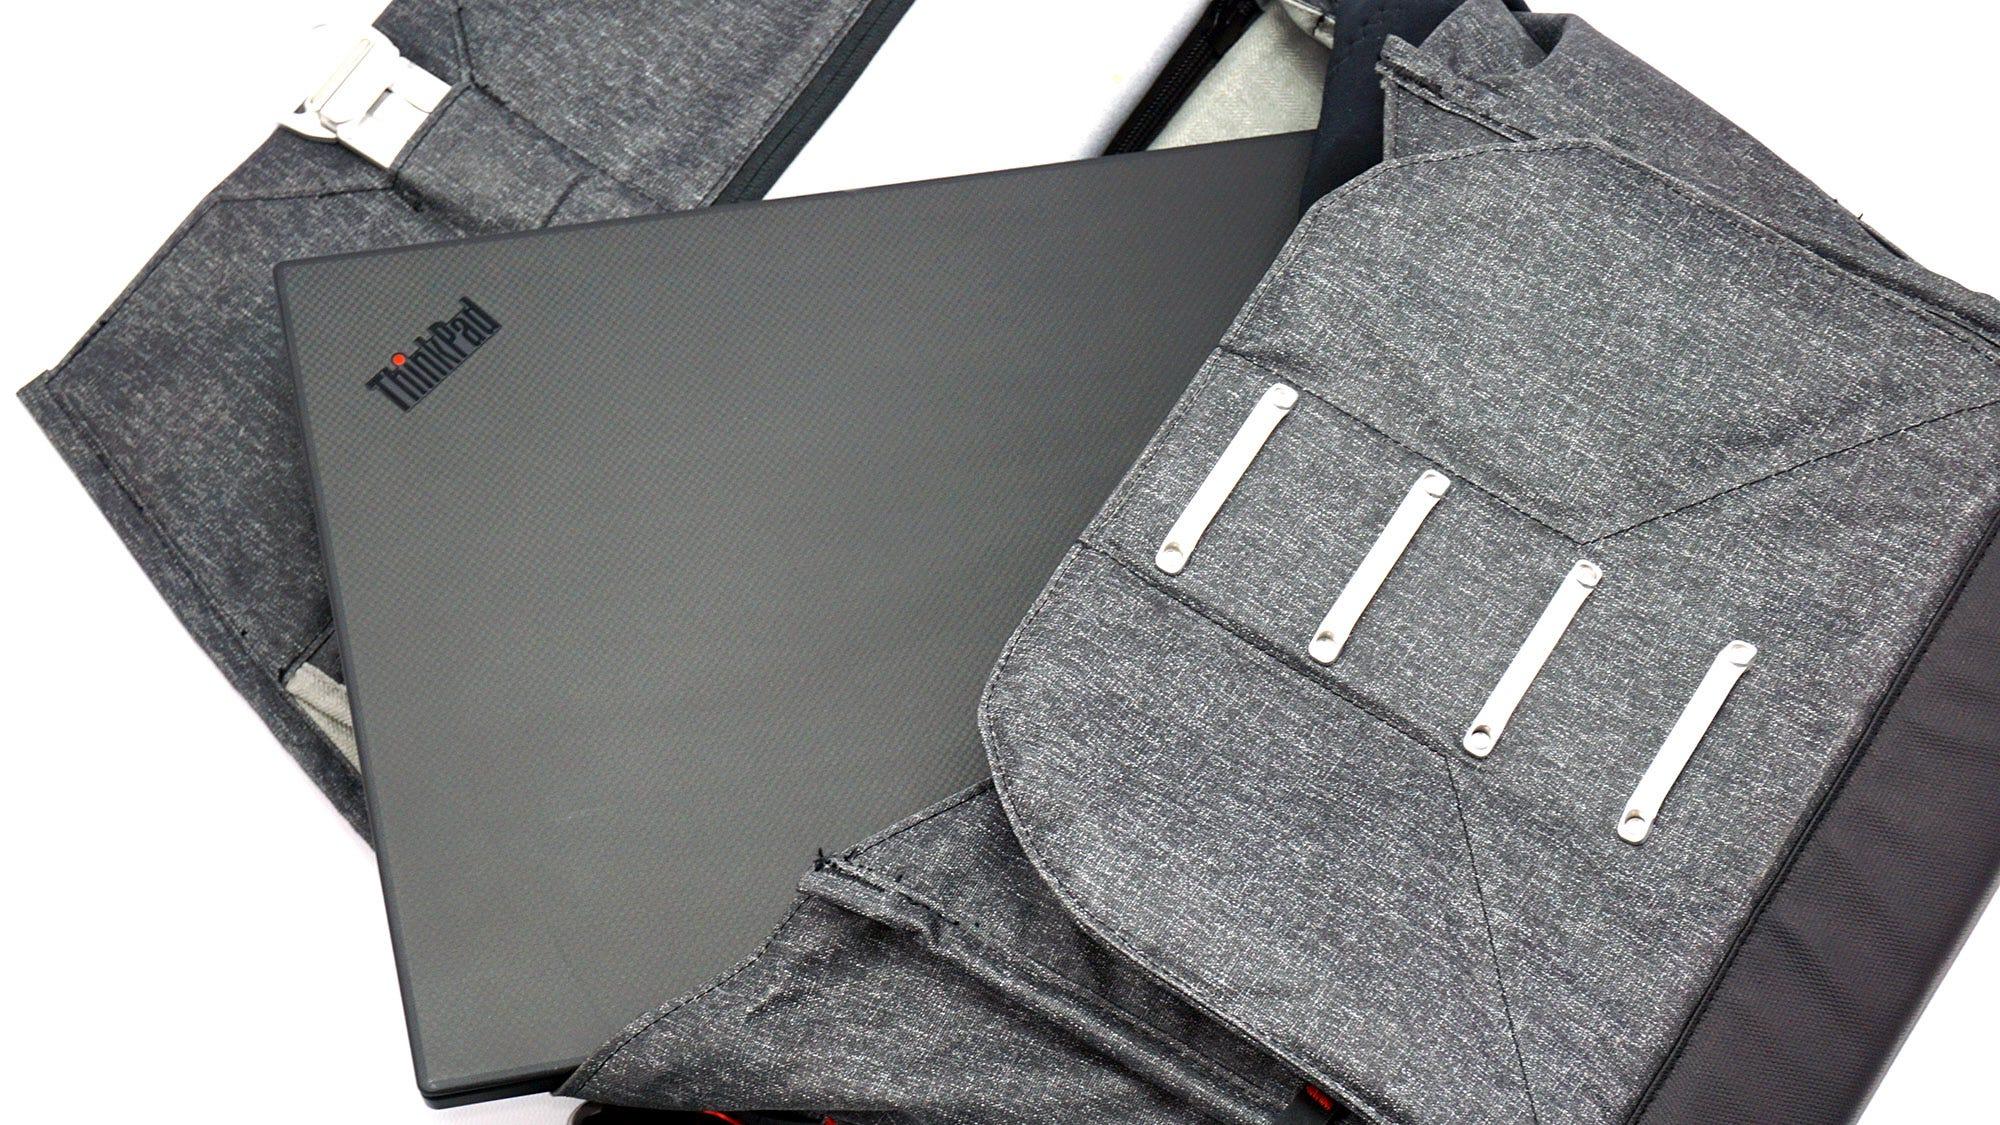 X1 in a Peak Design bag.